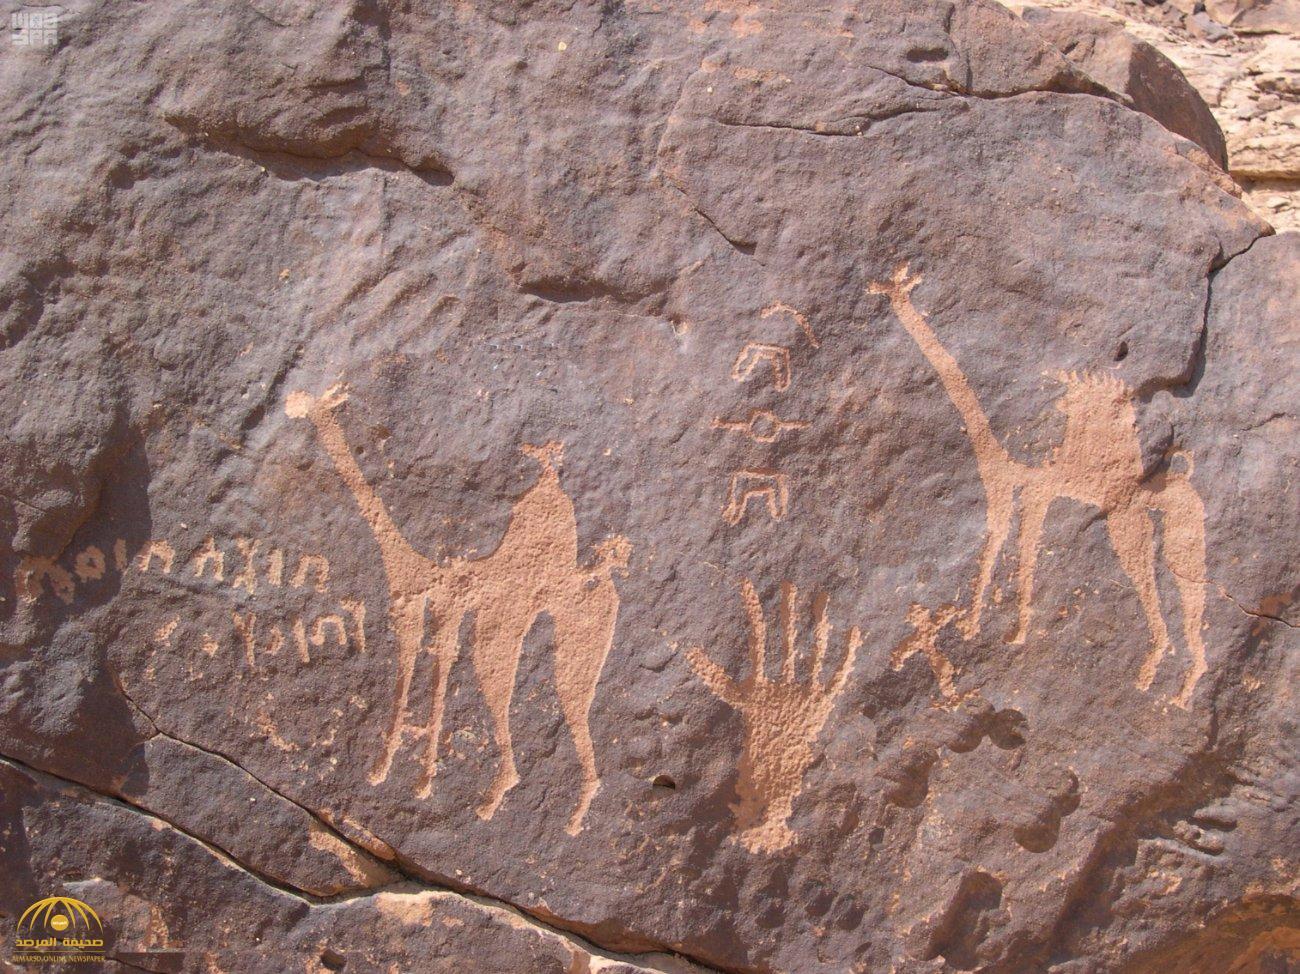 """شاهد .. صور رسومات لـ""""سفينة الصحراء"""" منحوتة على الصخر قبل 7 آلاف عام في السعودية"""